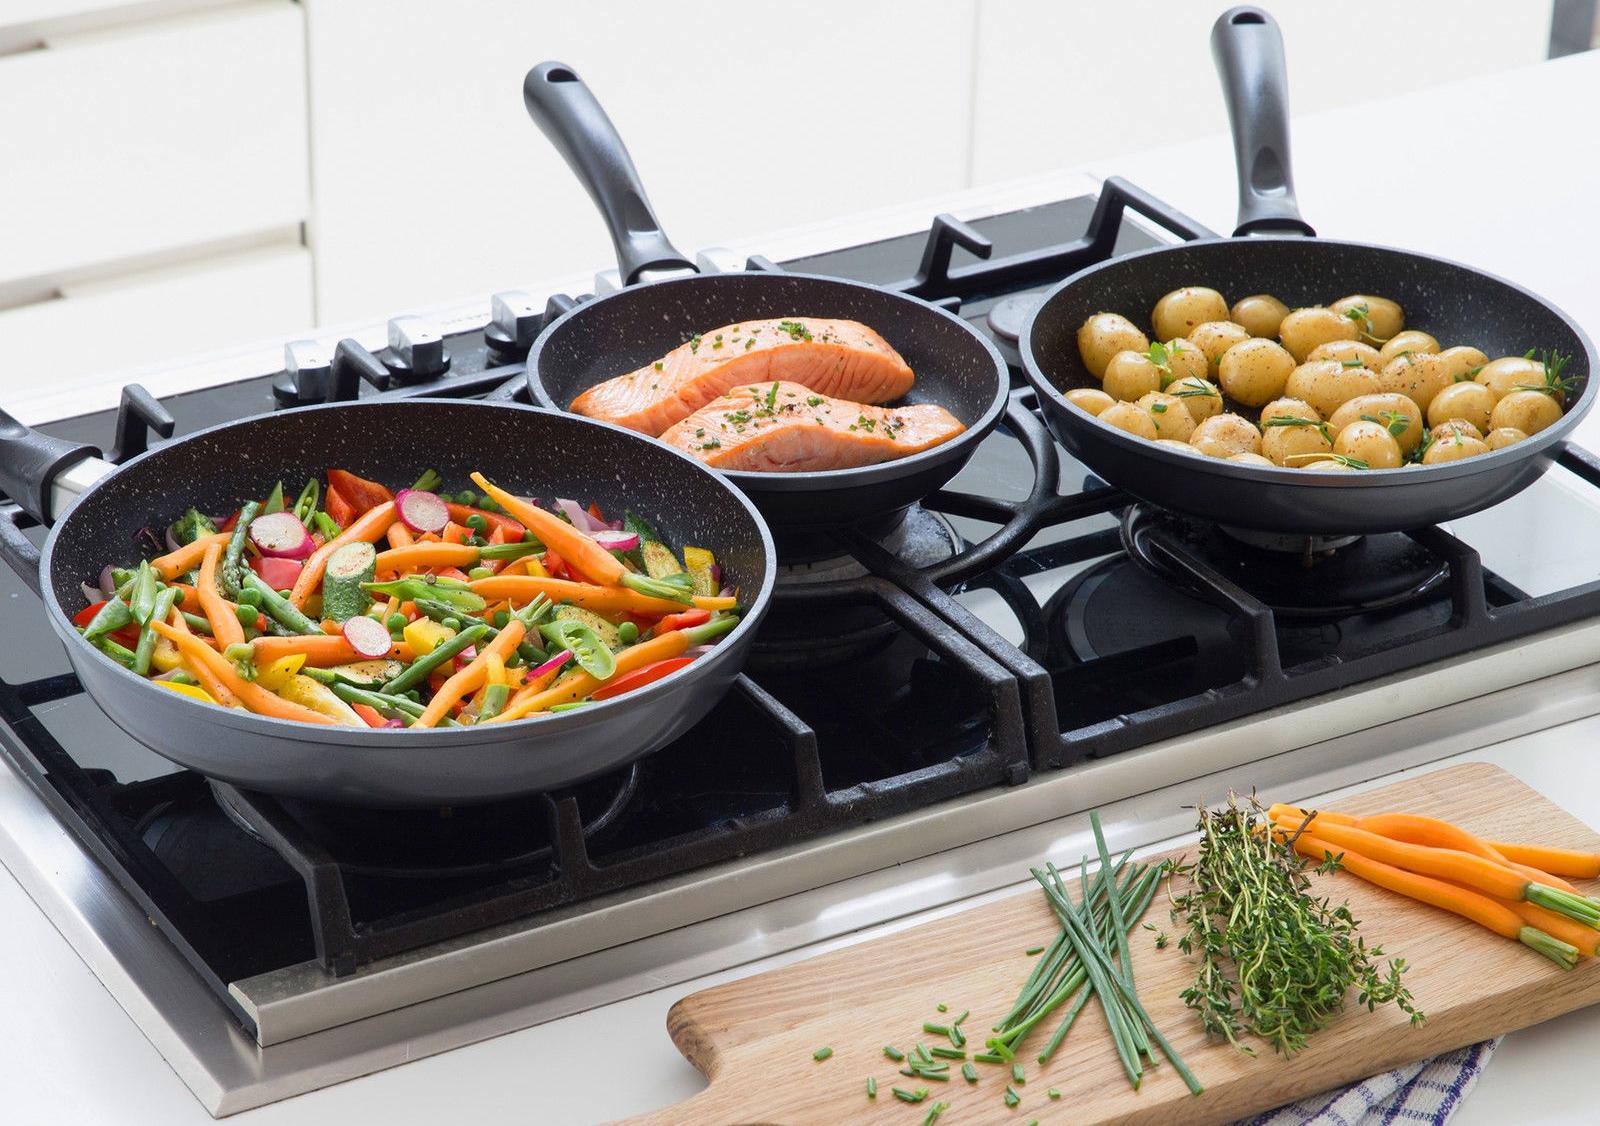 Сковороды с пищей на плите